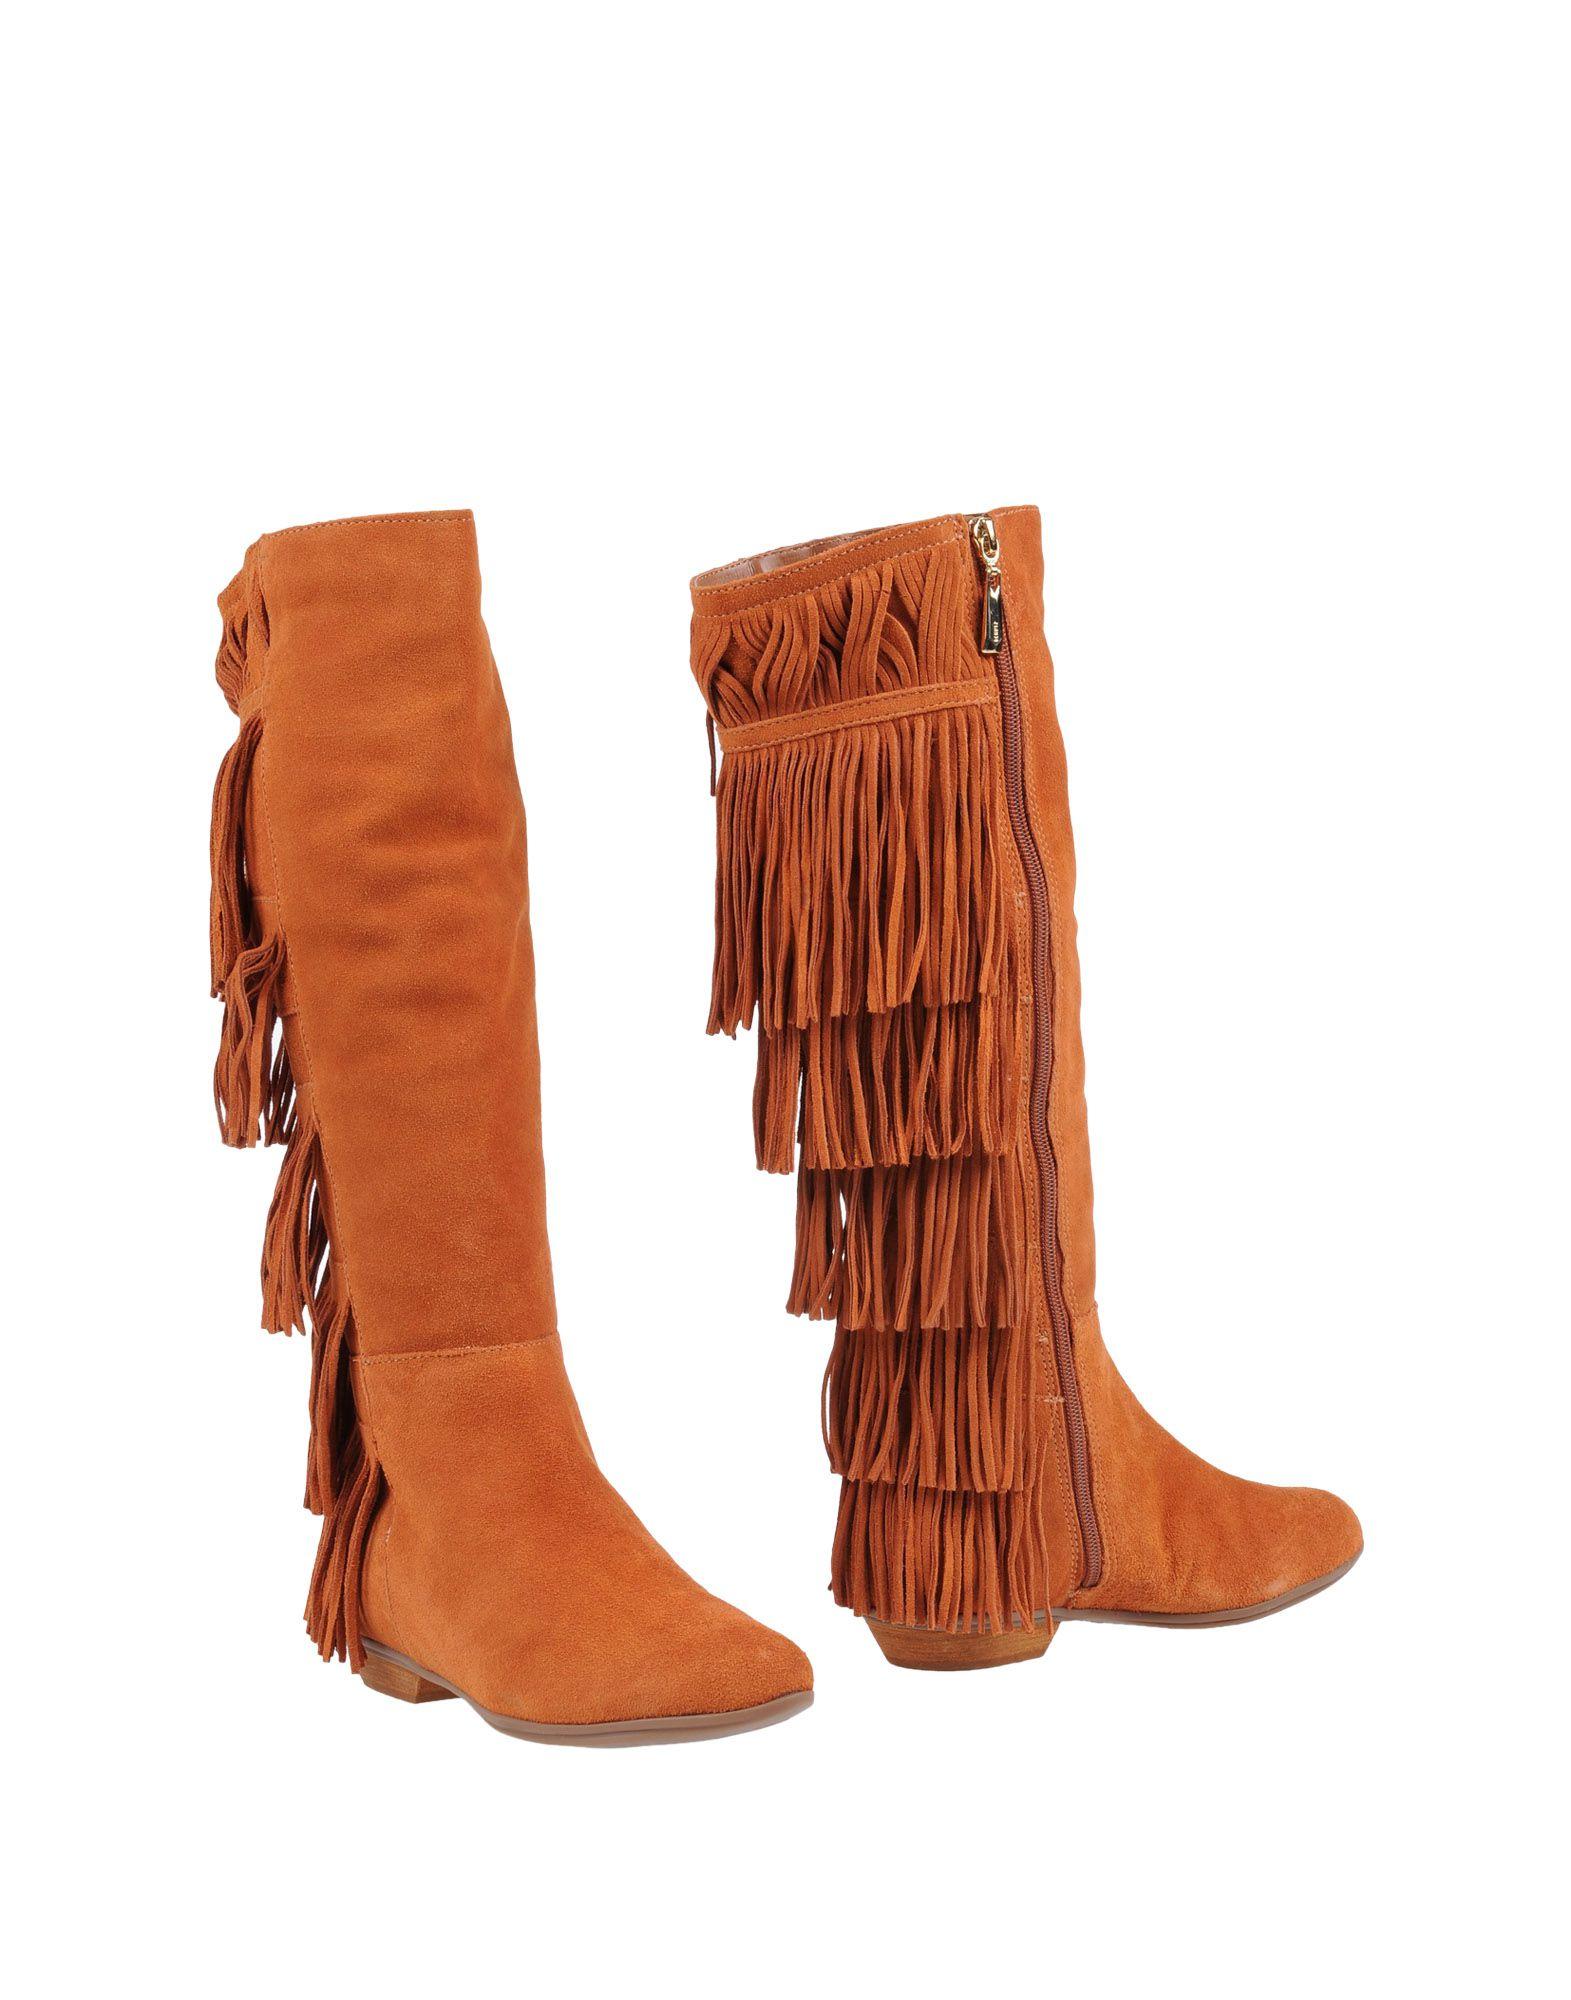 Schutz Stiefel Damen  11438951SS Gute Qualität beliebte Schuhe